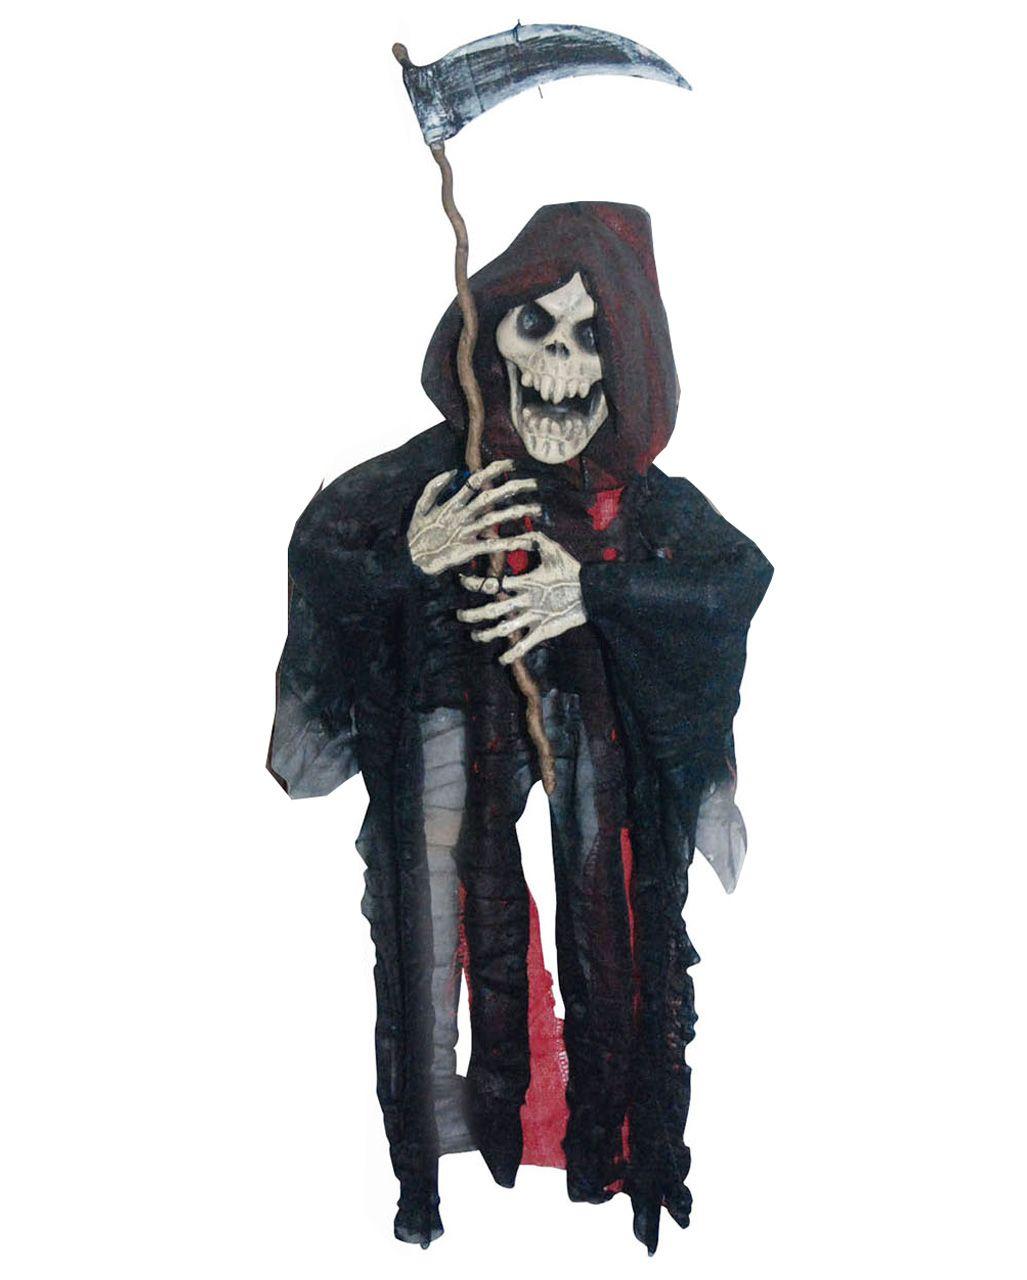 Halloween Deko Shopch.Sensenmann Hangefigur Halloween Deko Horror Shop Com Halloween Deko Figuren Halloween Deko Horror Halloween Deko